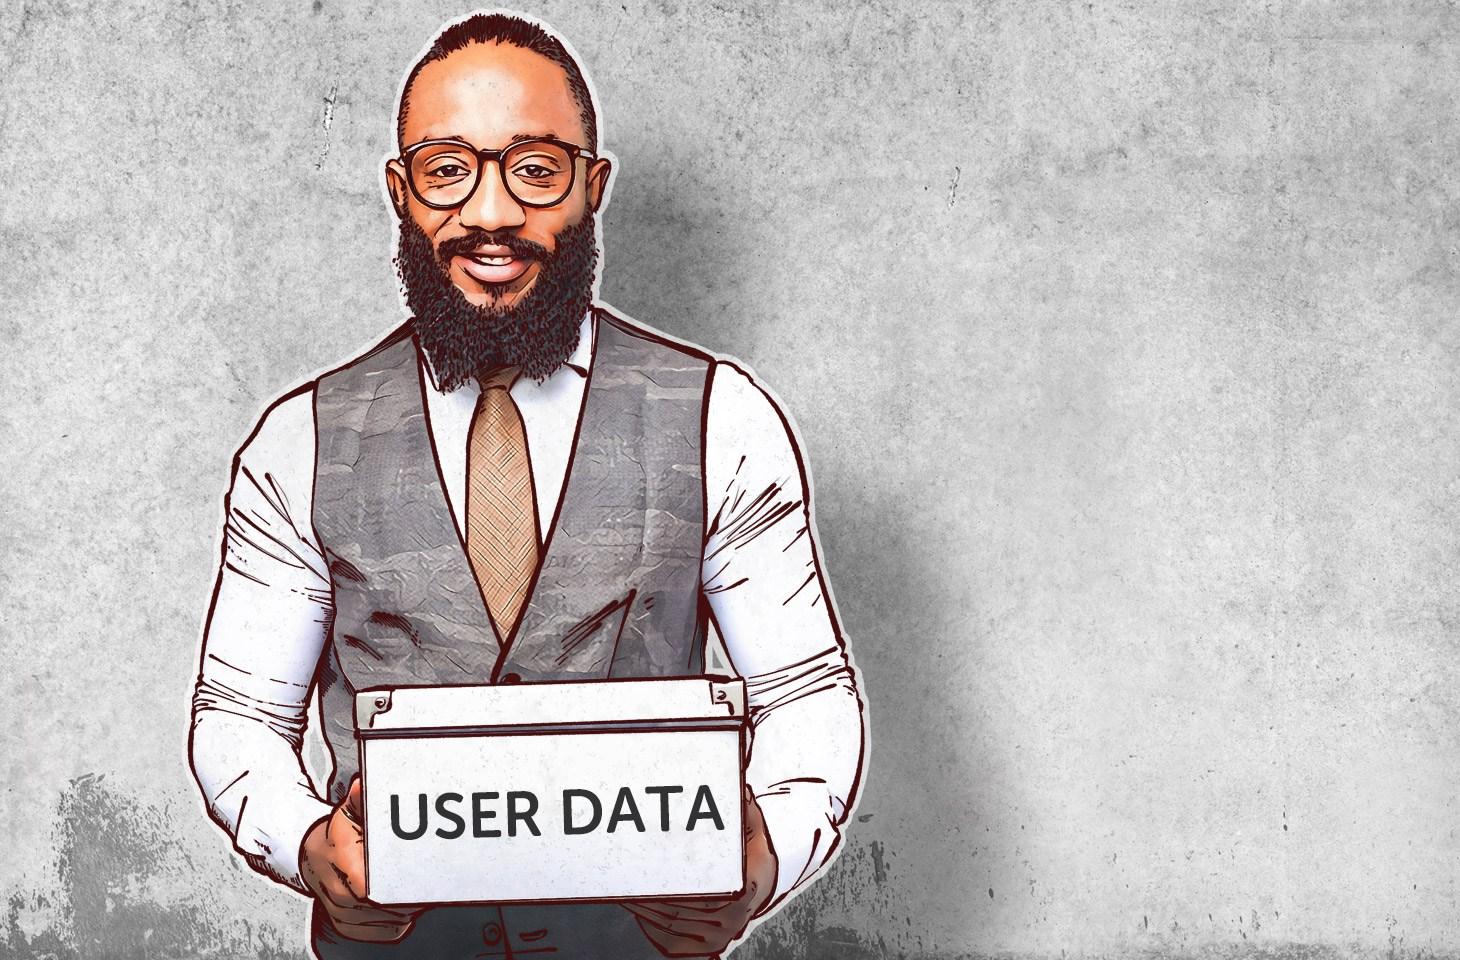 歐盟通用資料保護法案 5 月上馬!企業應如何作好準備?